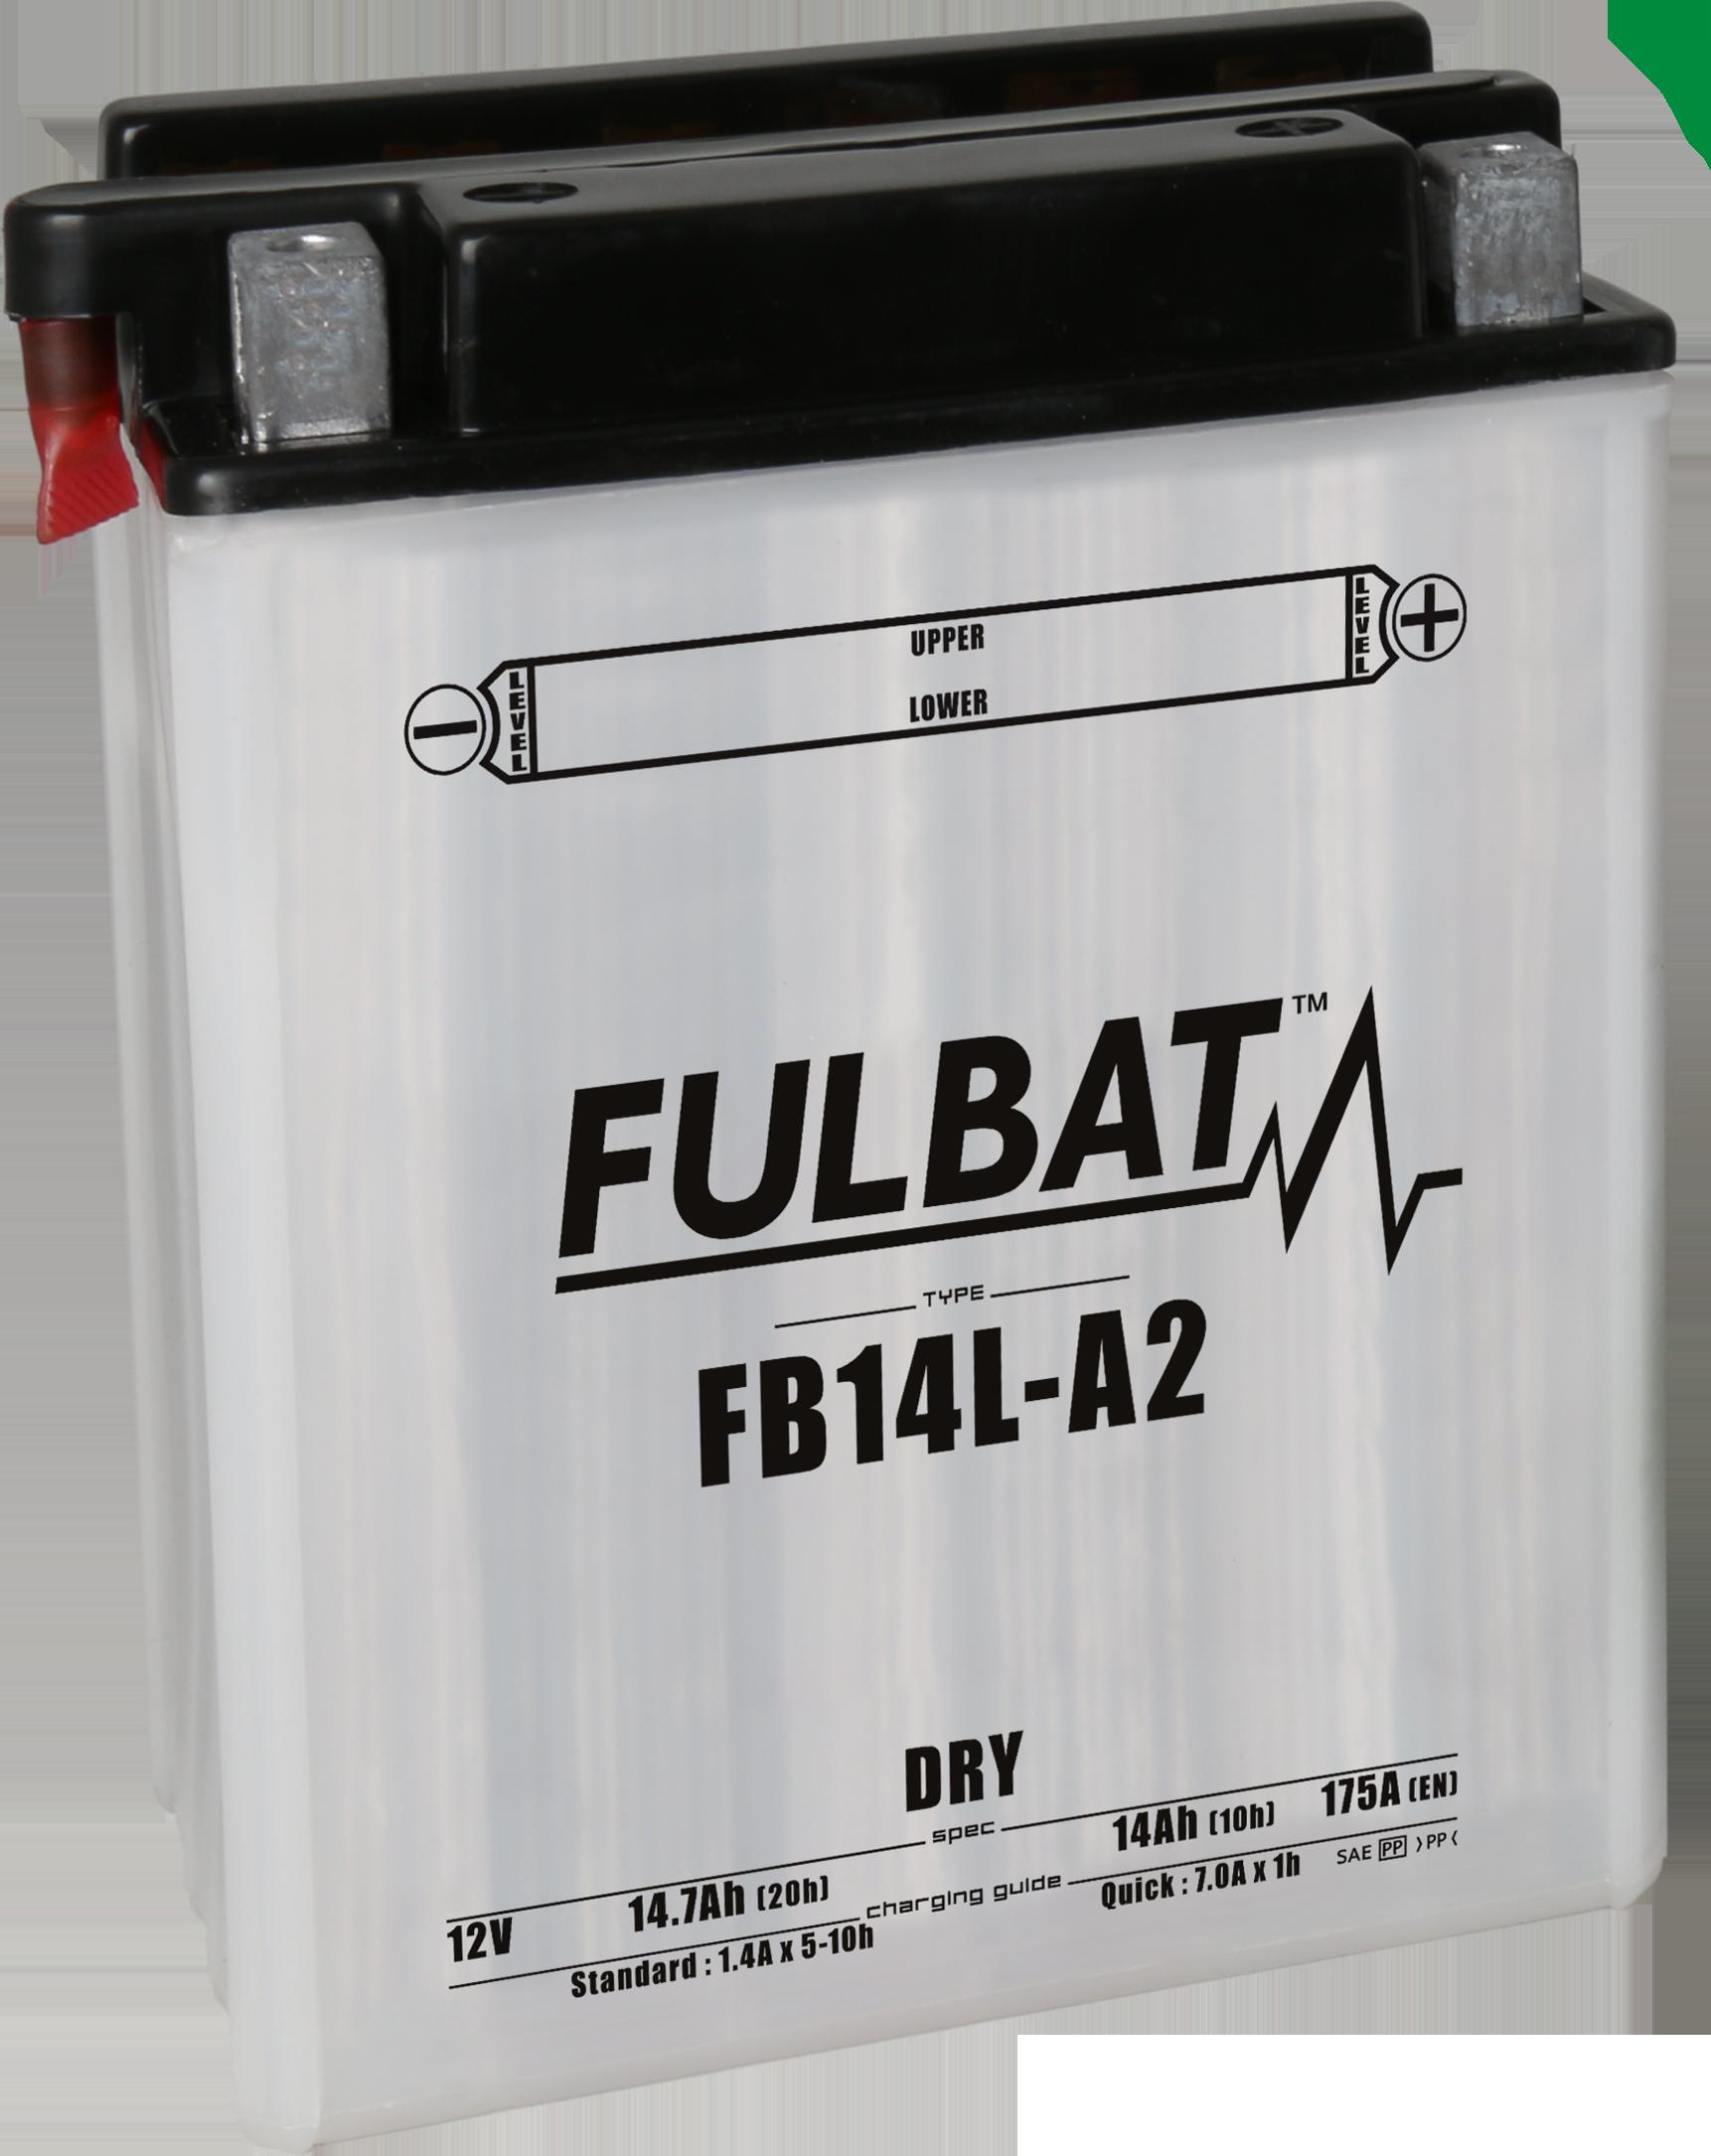 Fulbat_DRY-batterie-conventionnelle_FB14L-A2